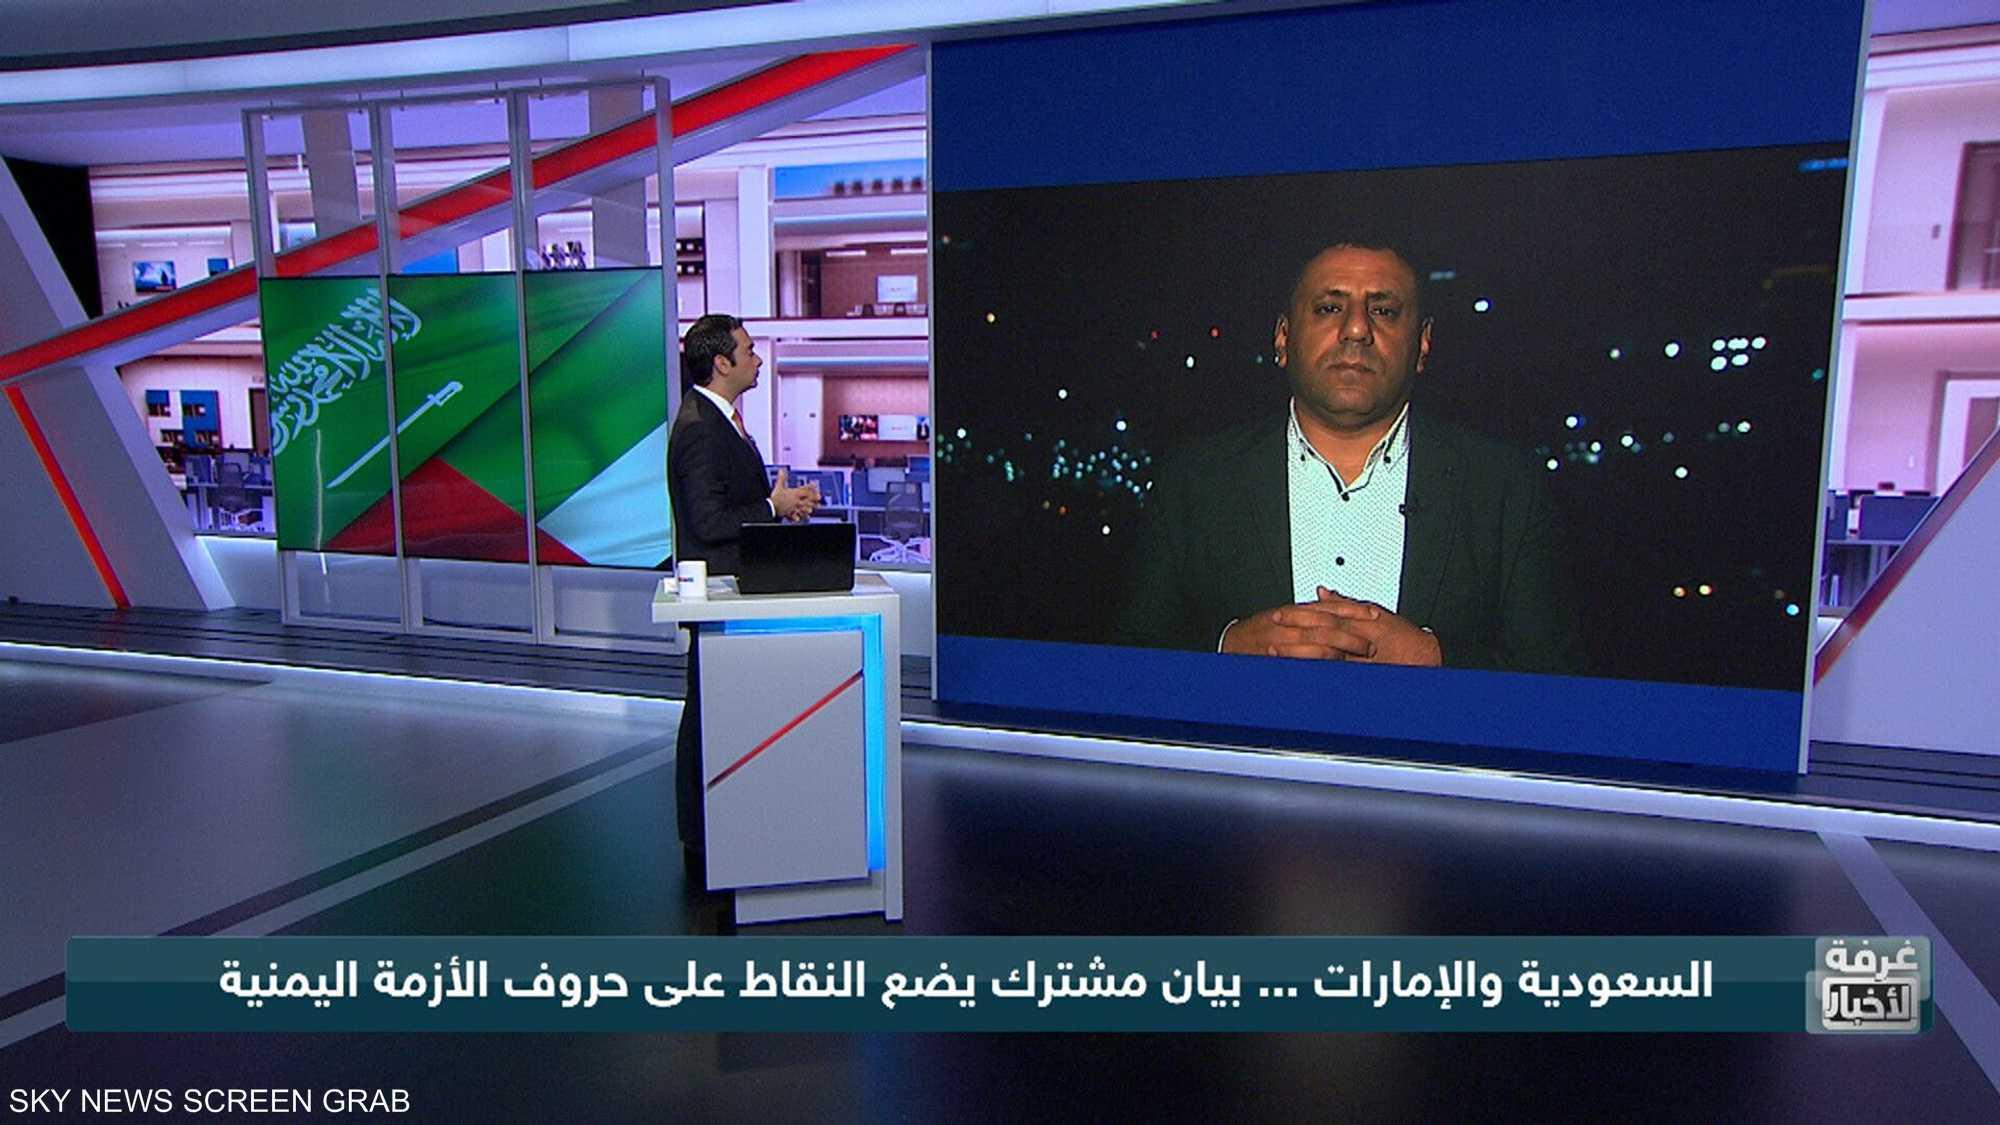 السعودية والإمارات.. بيان يضع النقاط على حروف الأزمة اليمني